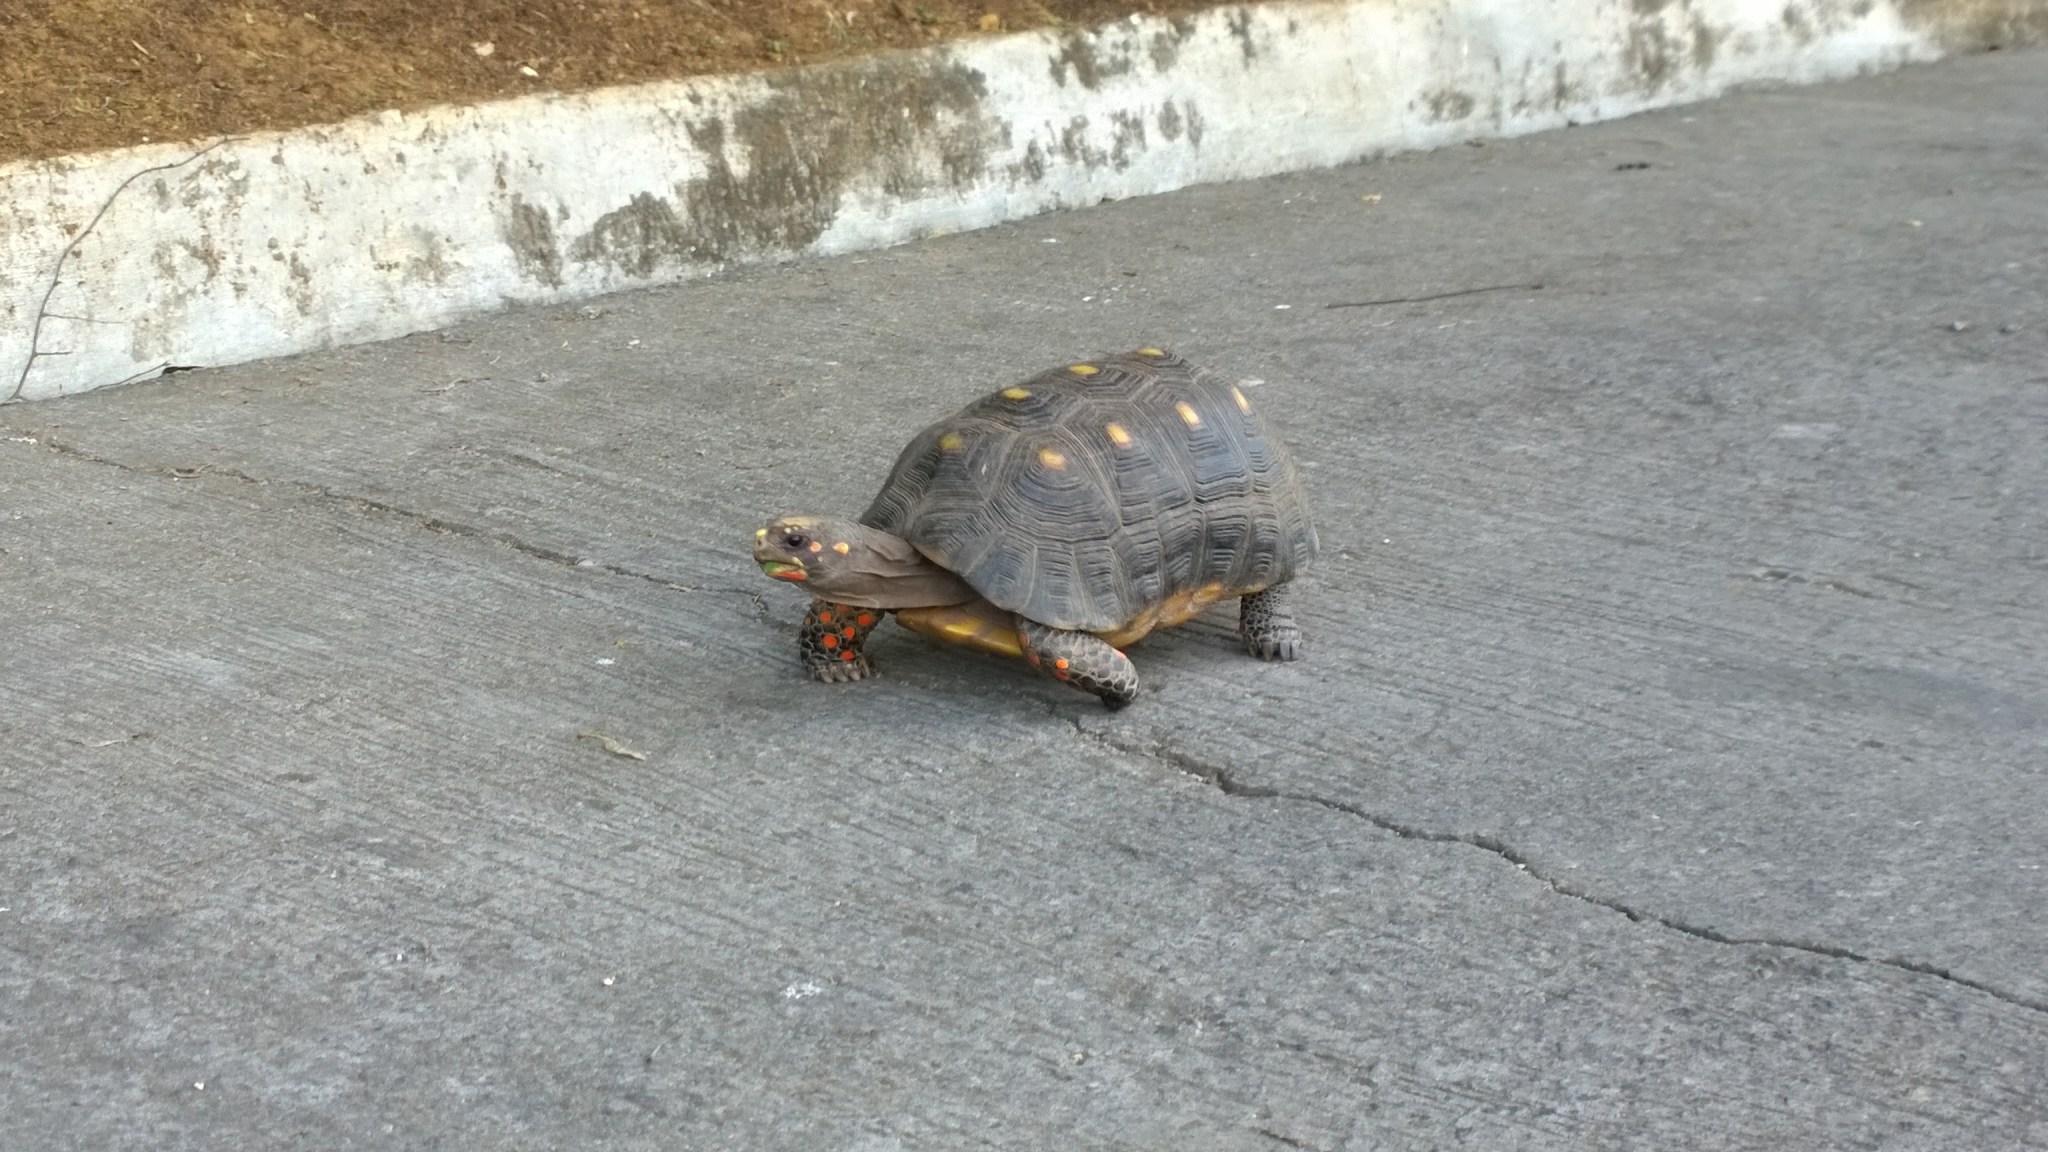 Ensimmäinen näkemäni kilpikonna!!! En olisi kyllä etukäteen uskonut, että se kävelee rehvakkaasti vastaan kylän raitilla. Odotin näkeväni sen vähän merellisemmissä oloissa.